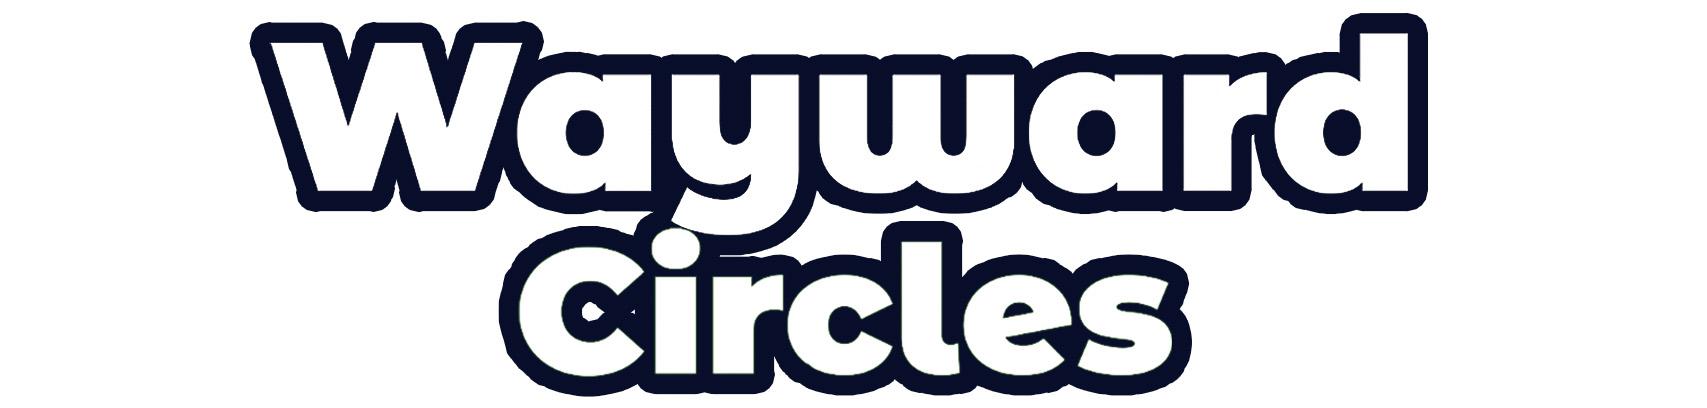 The Wayward Circles Logo